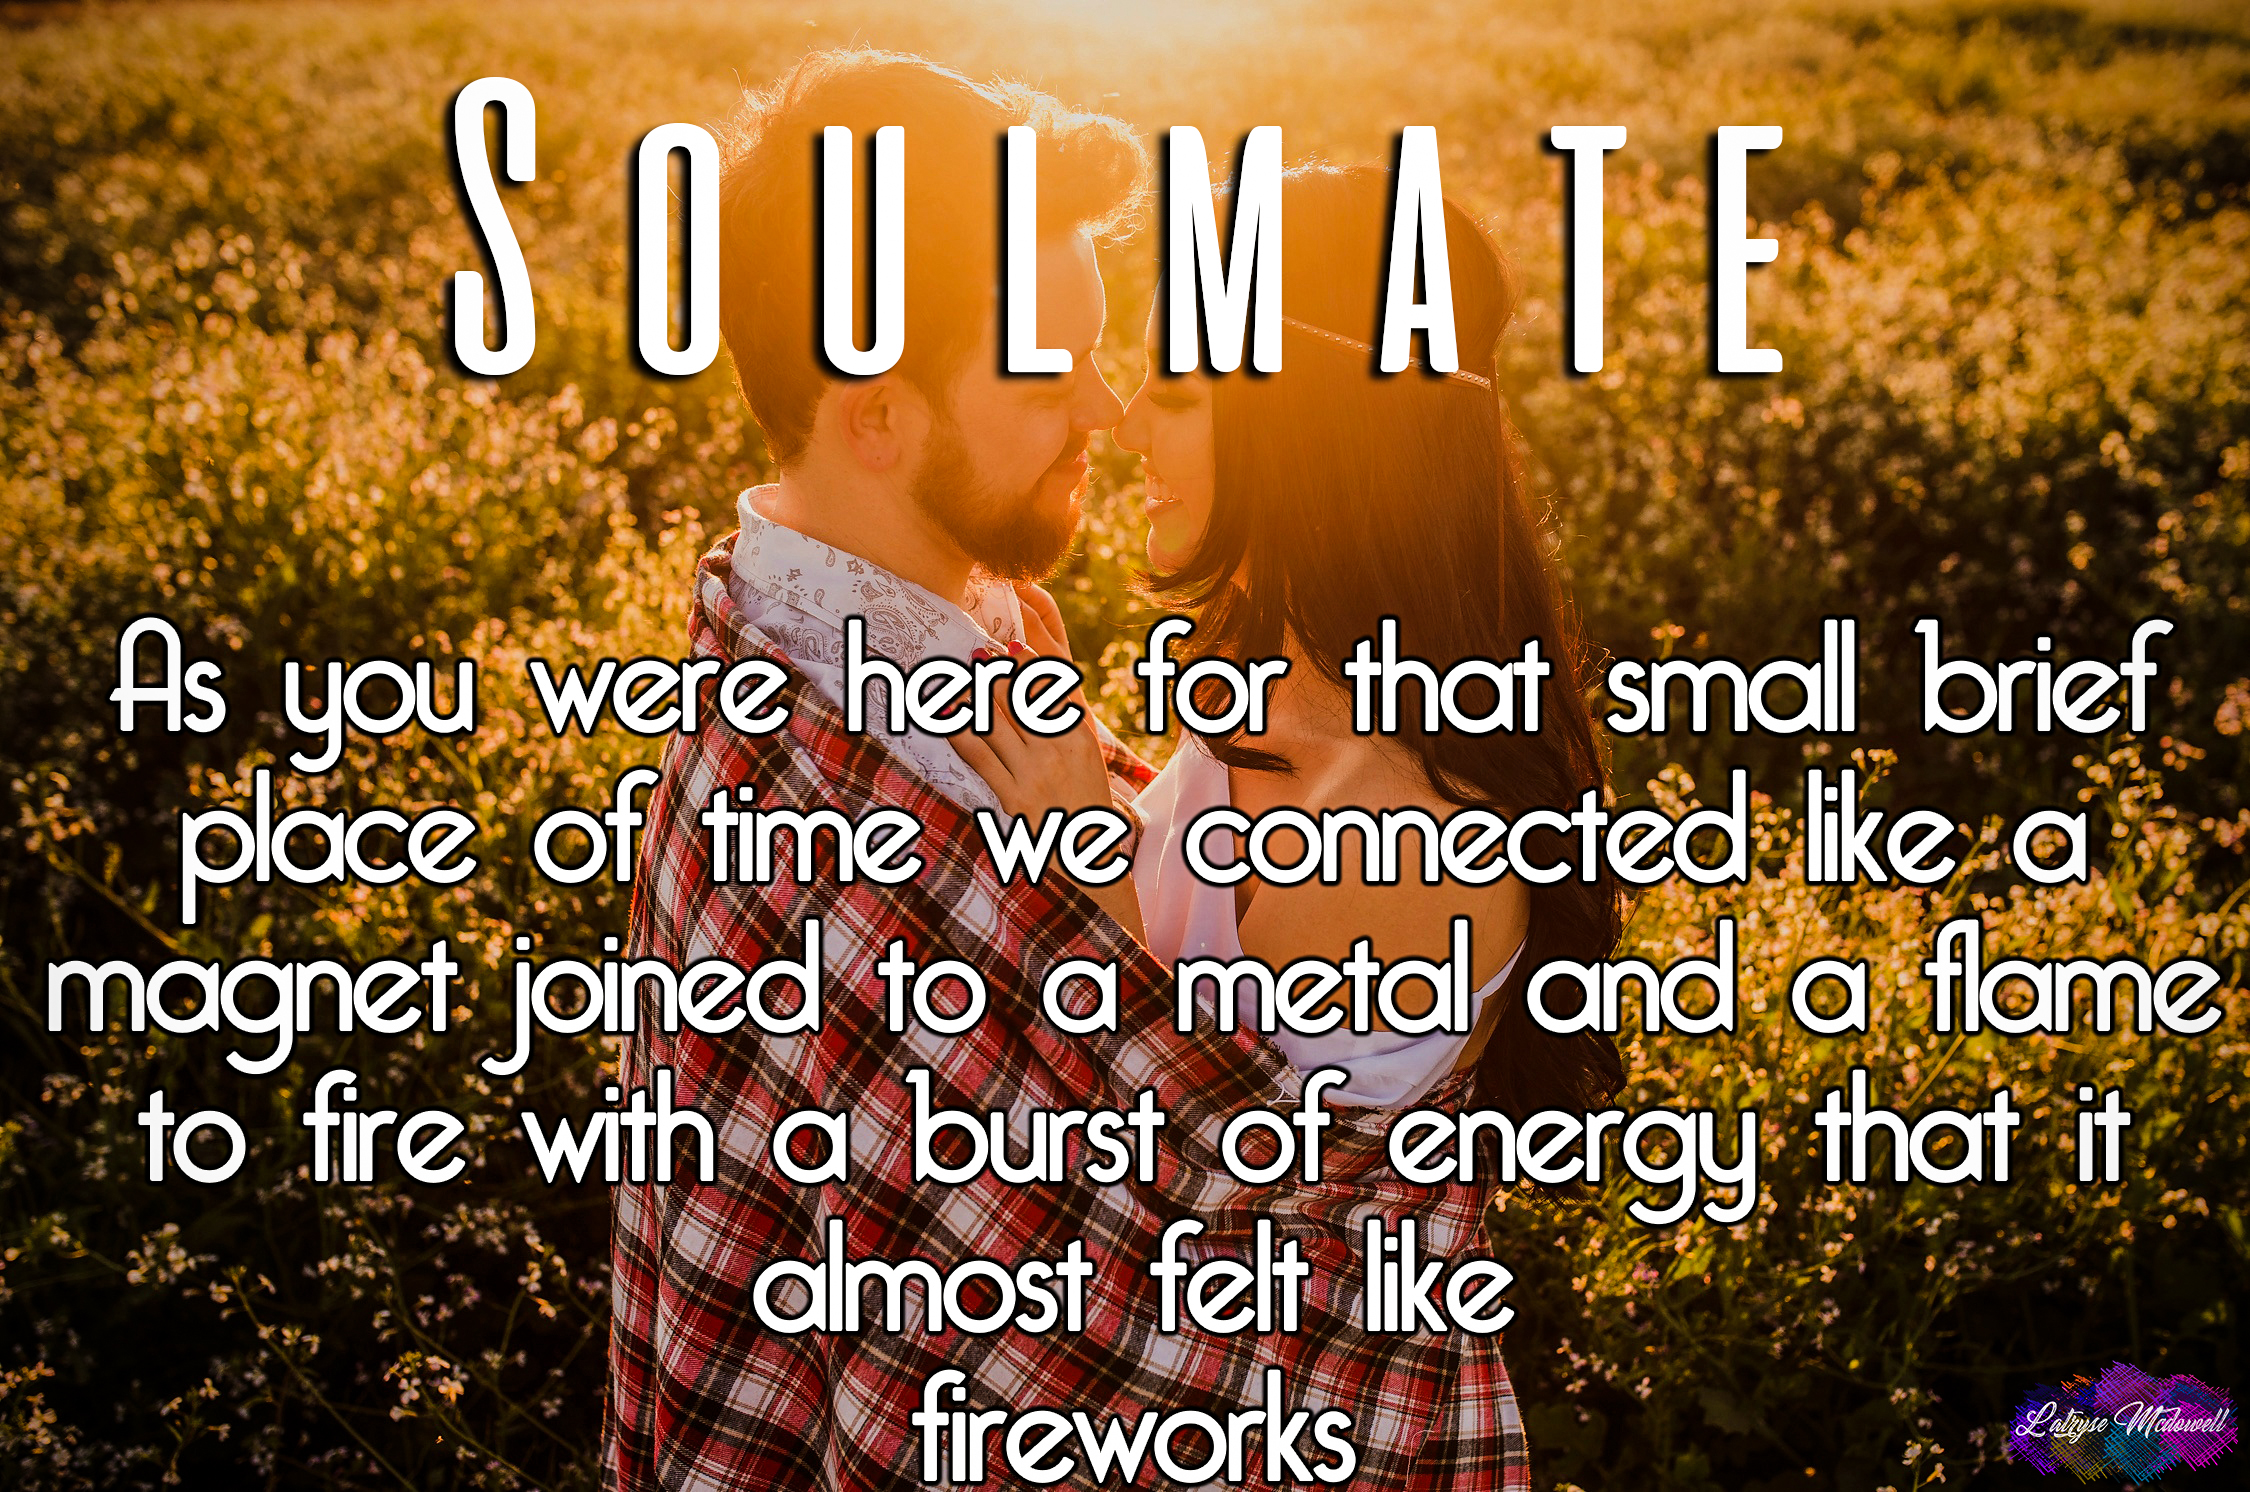 soulmate.jpg